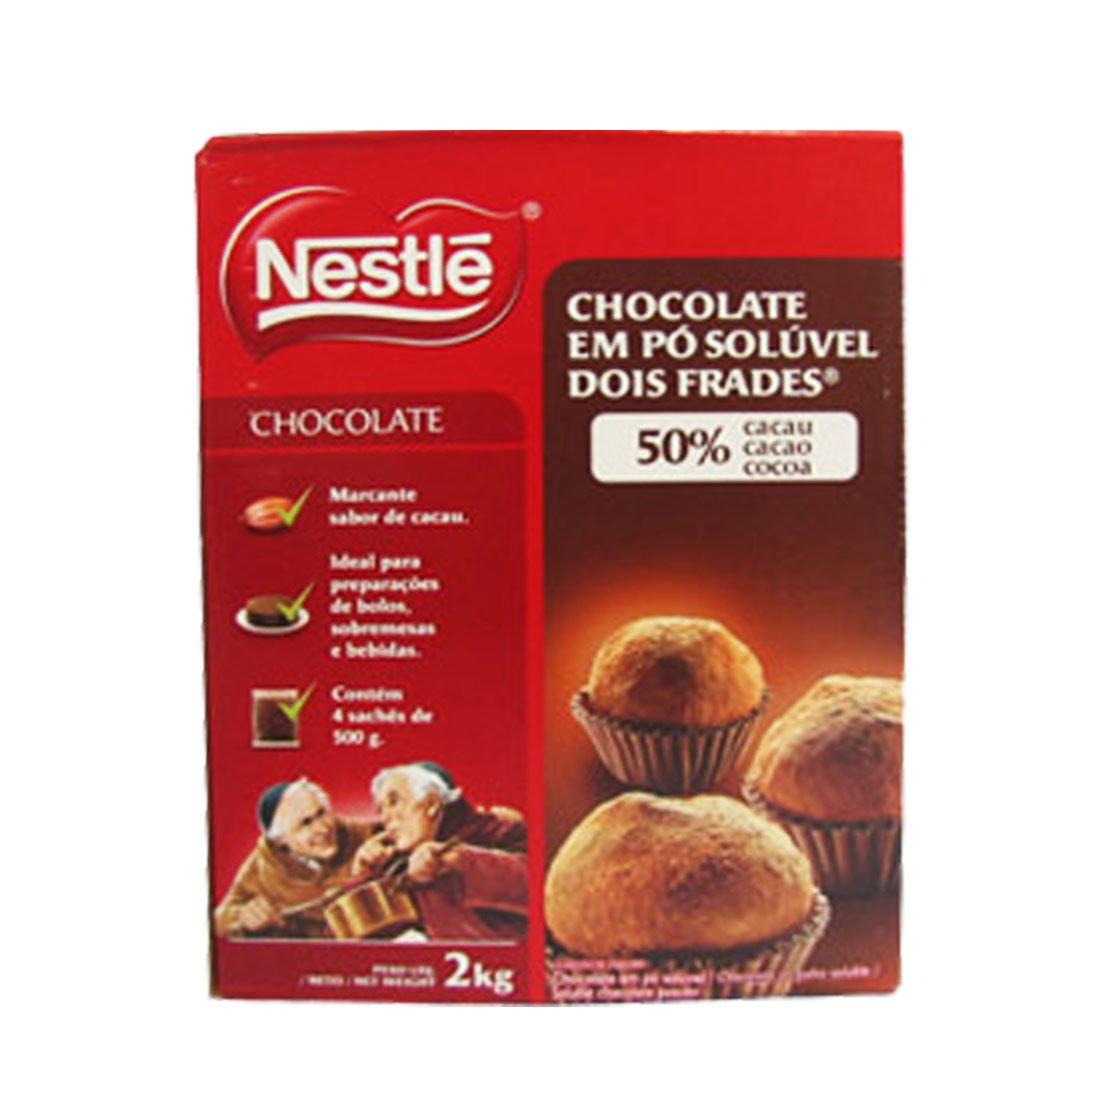 CHOCOLATE EM PÓ 50 % DOIS FRADES NESTLÉ 2 KG